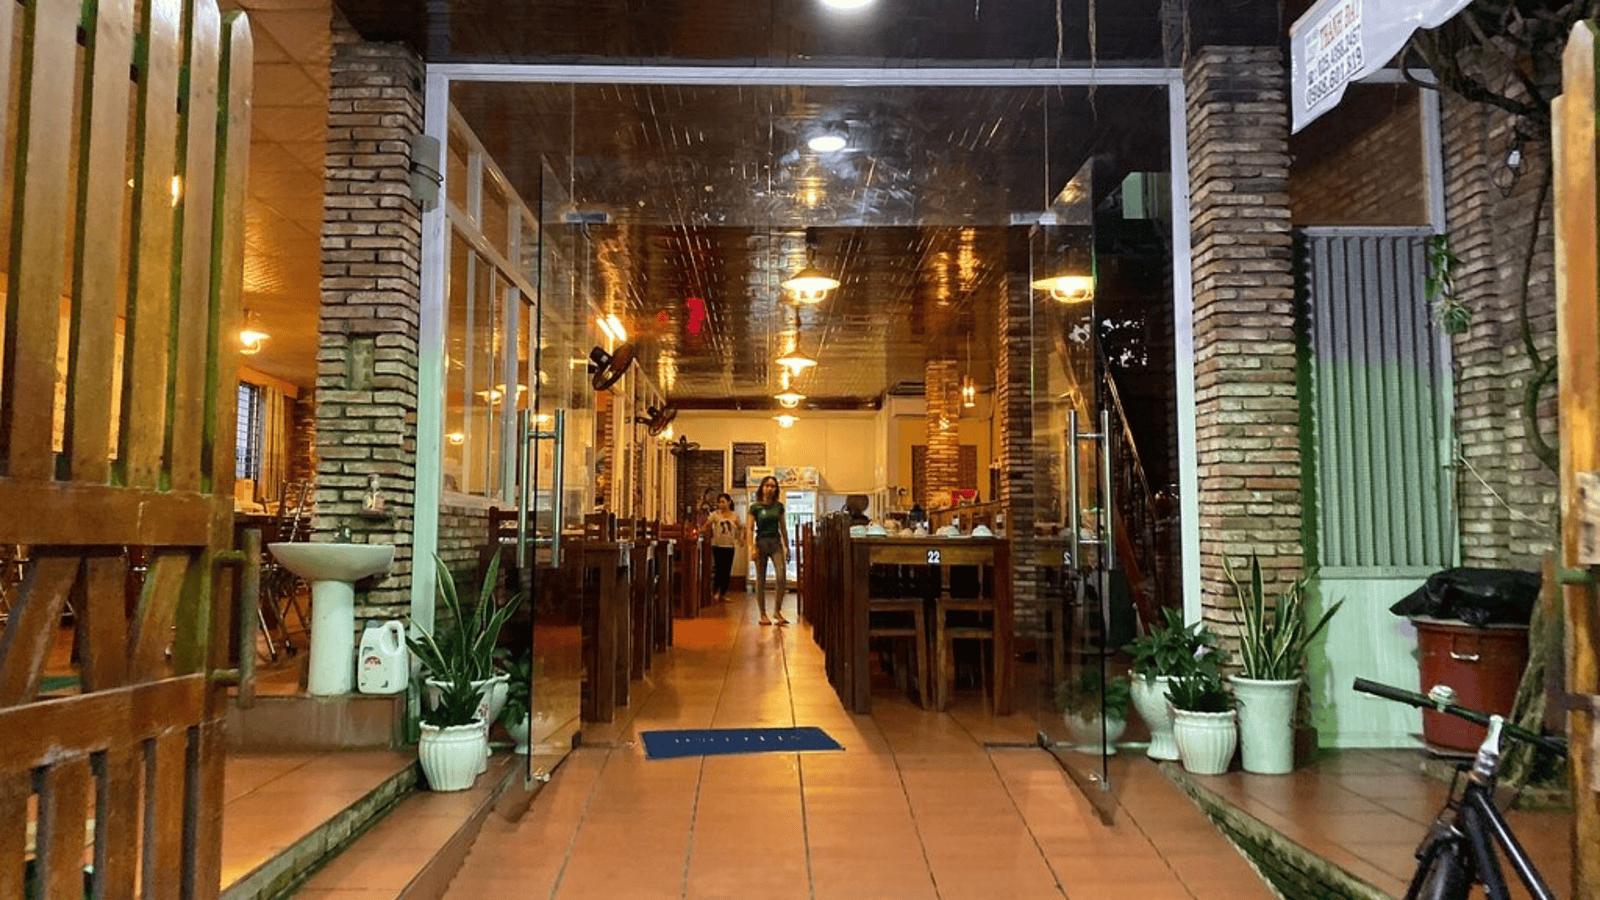 Có khá nhiều nhà hàng rộng rãi, phục vụ nhóm đoàn khách đông người quanh Bãi Đầm Trầu